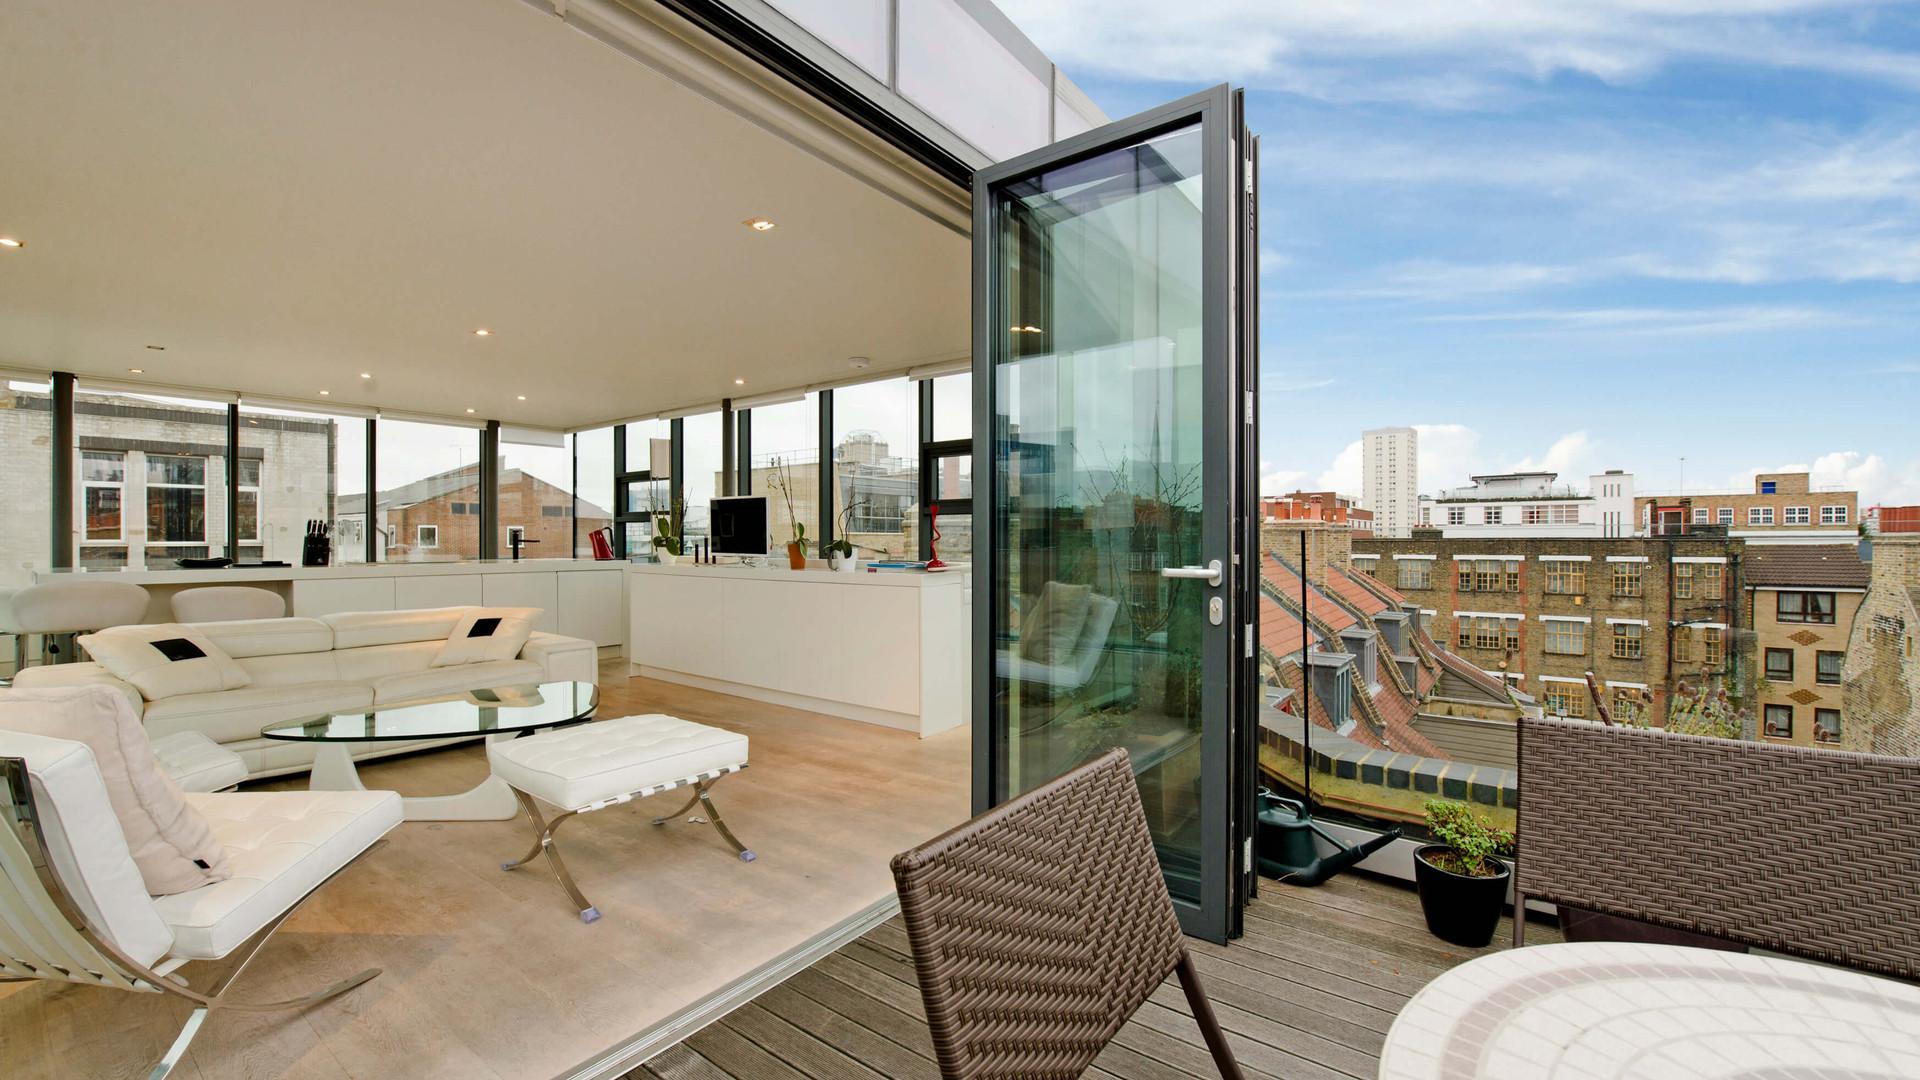 zasklenie-balkony-28.jpg